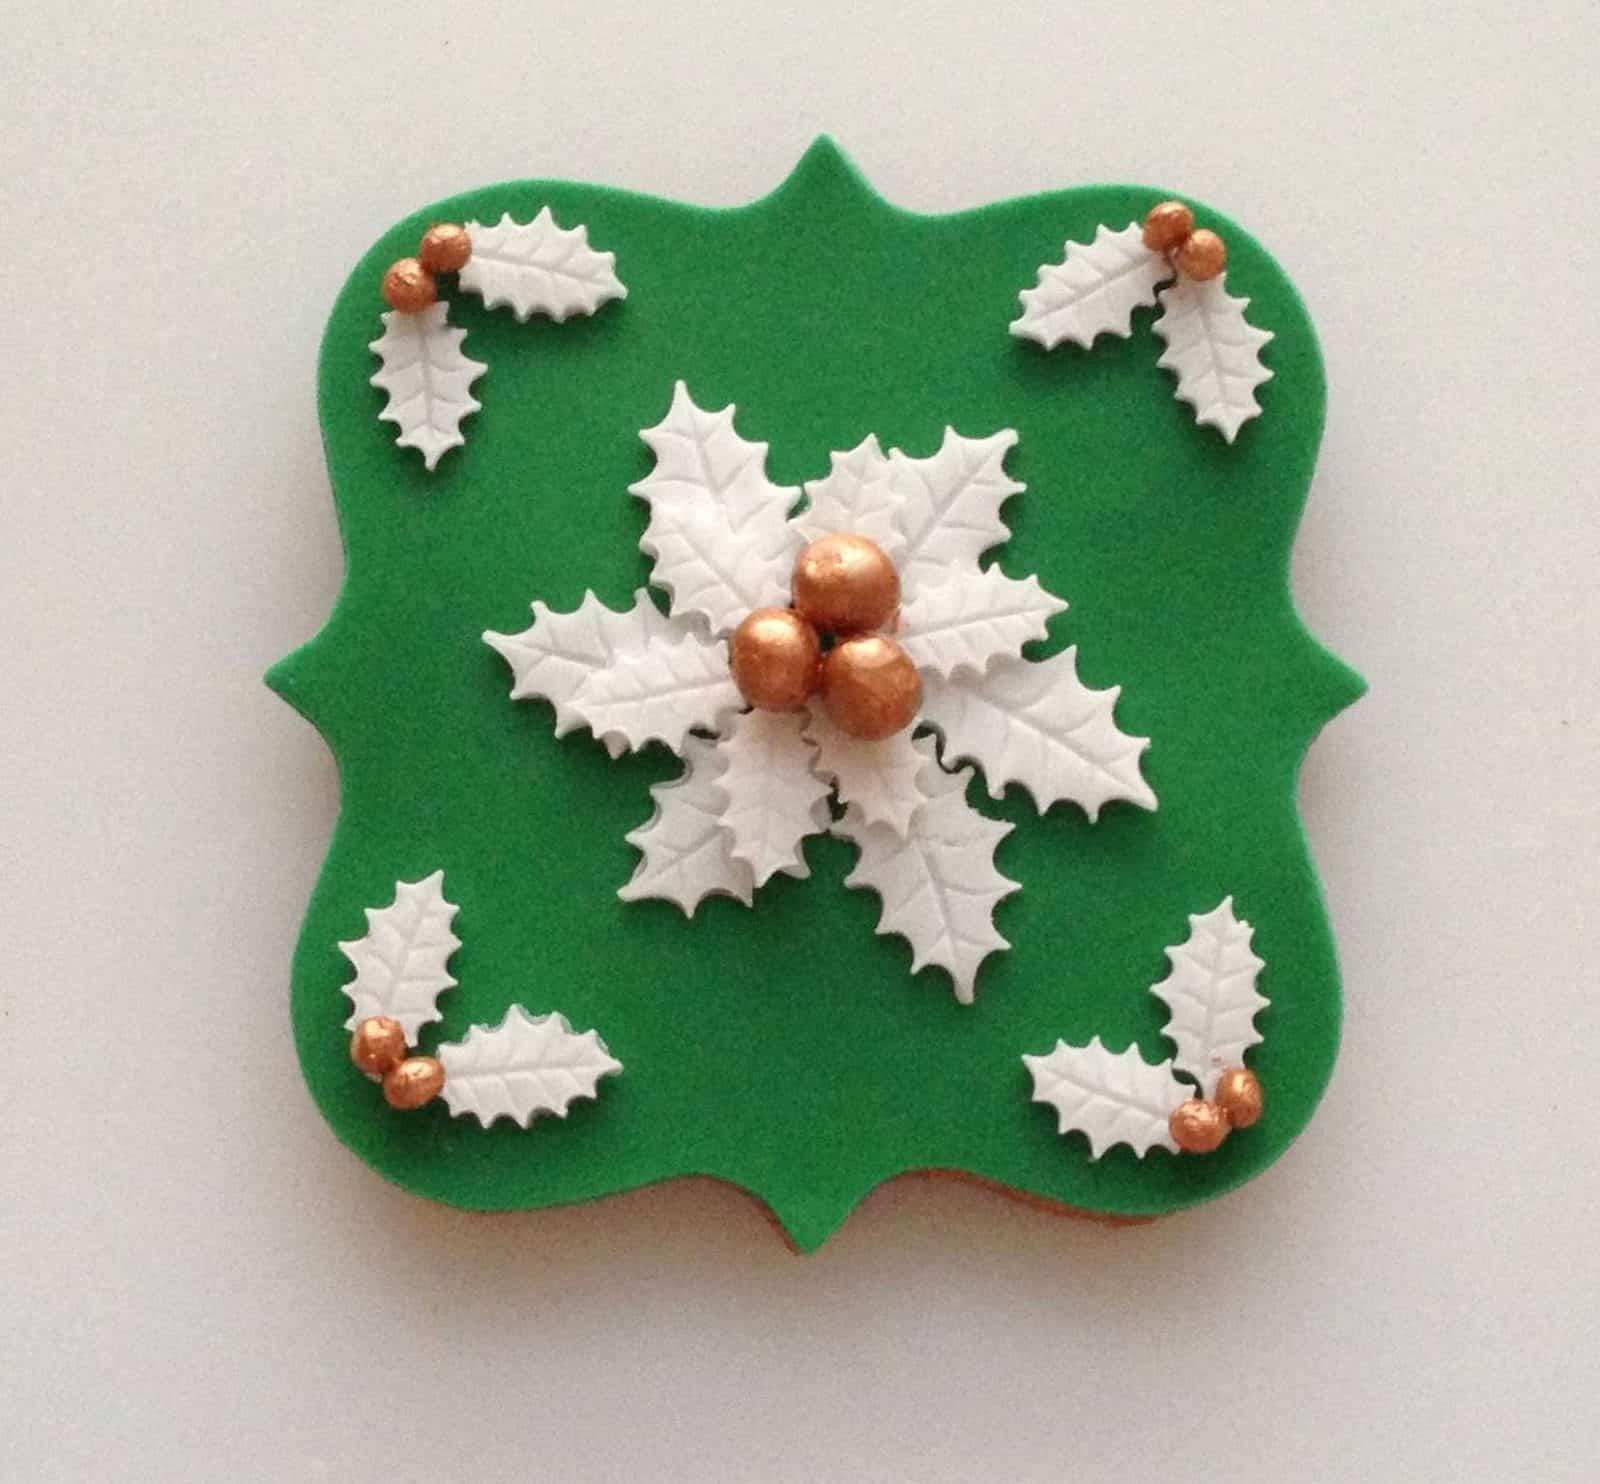 pierniki świąteczne zielone